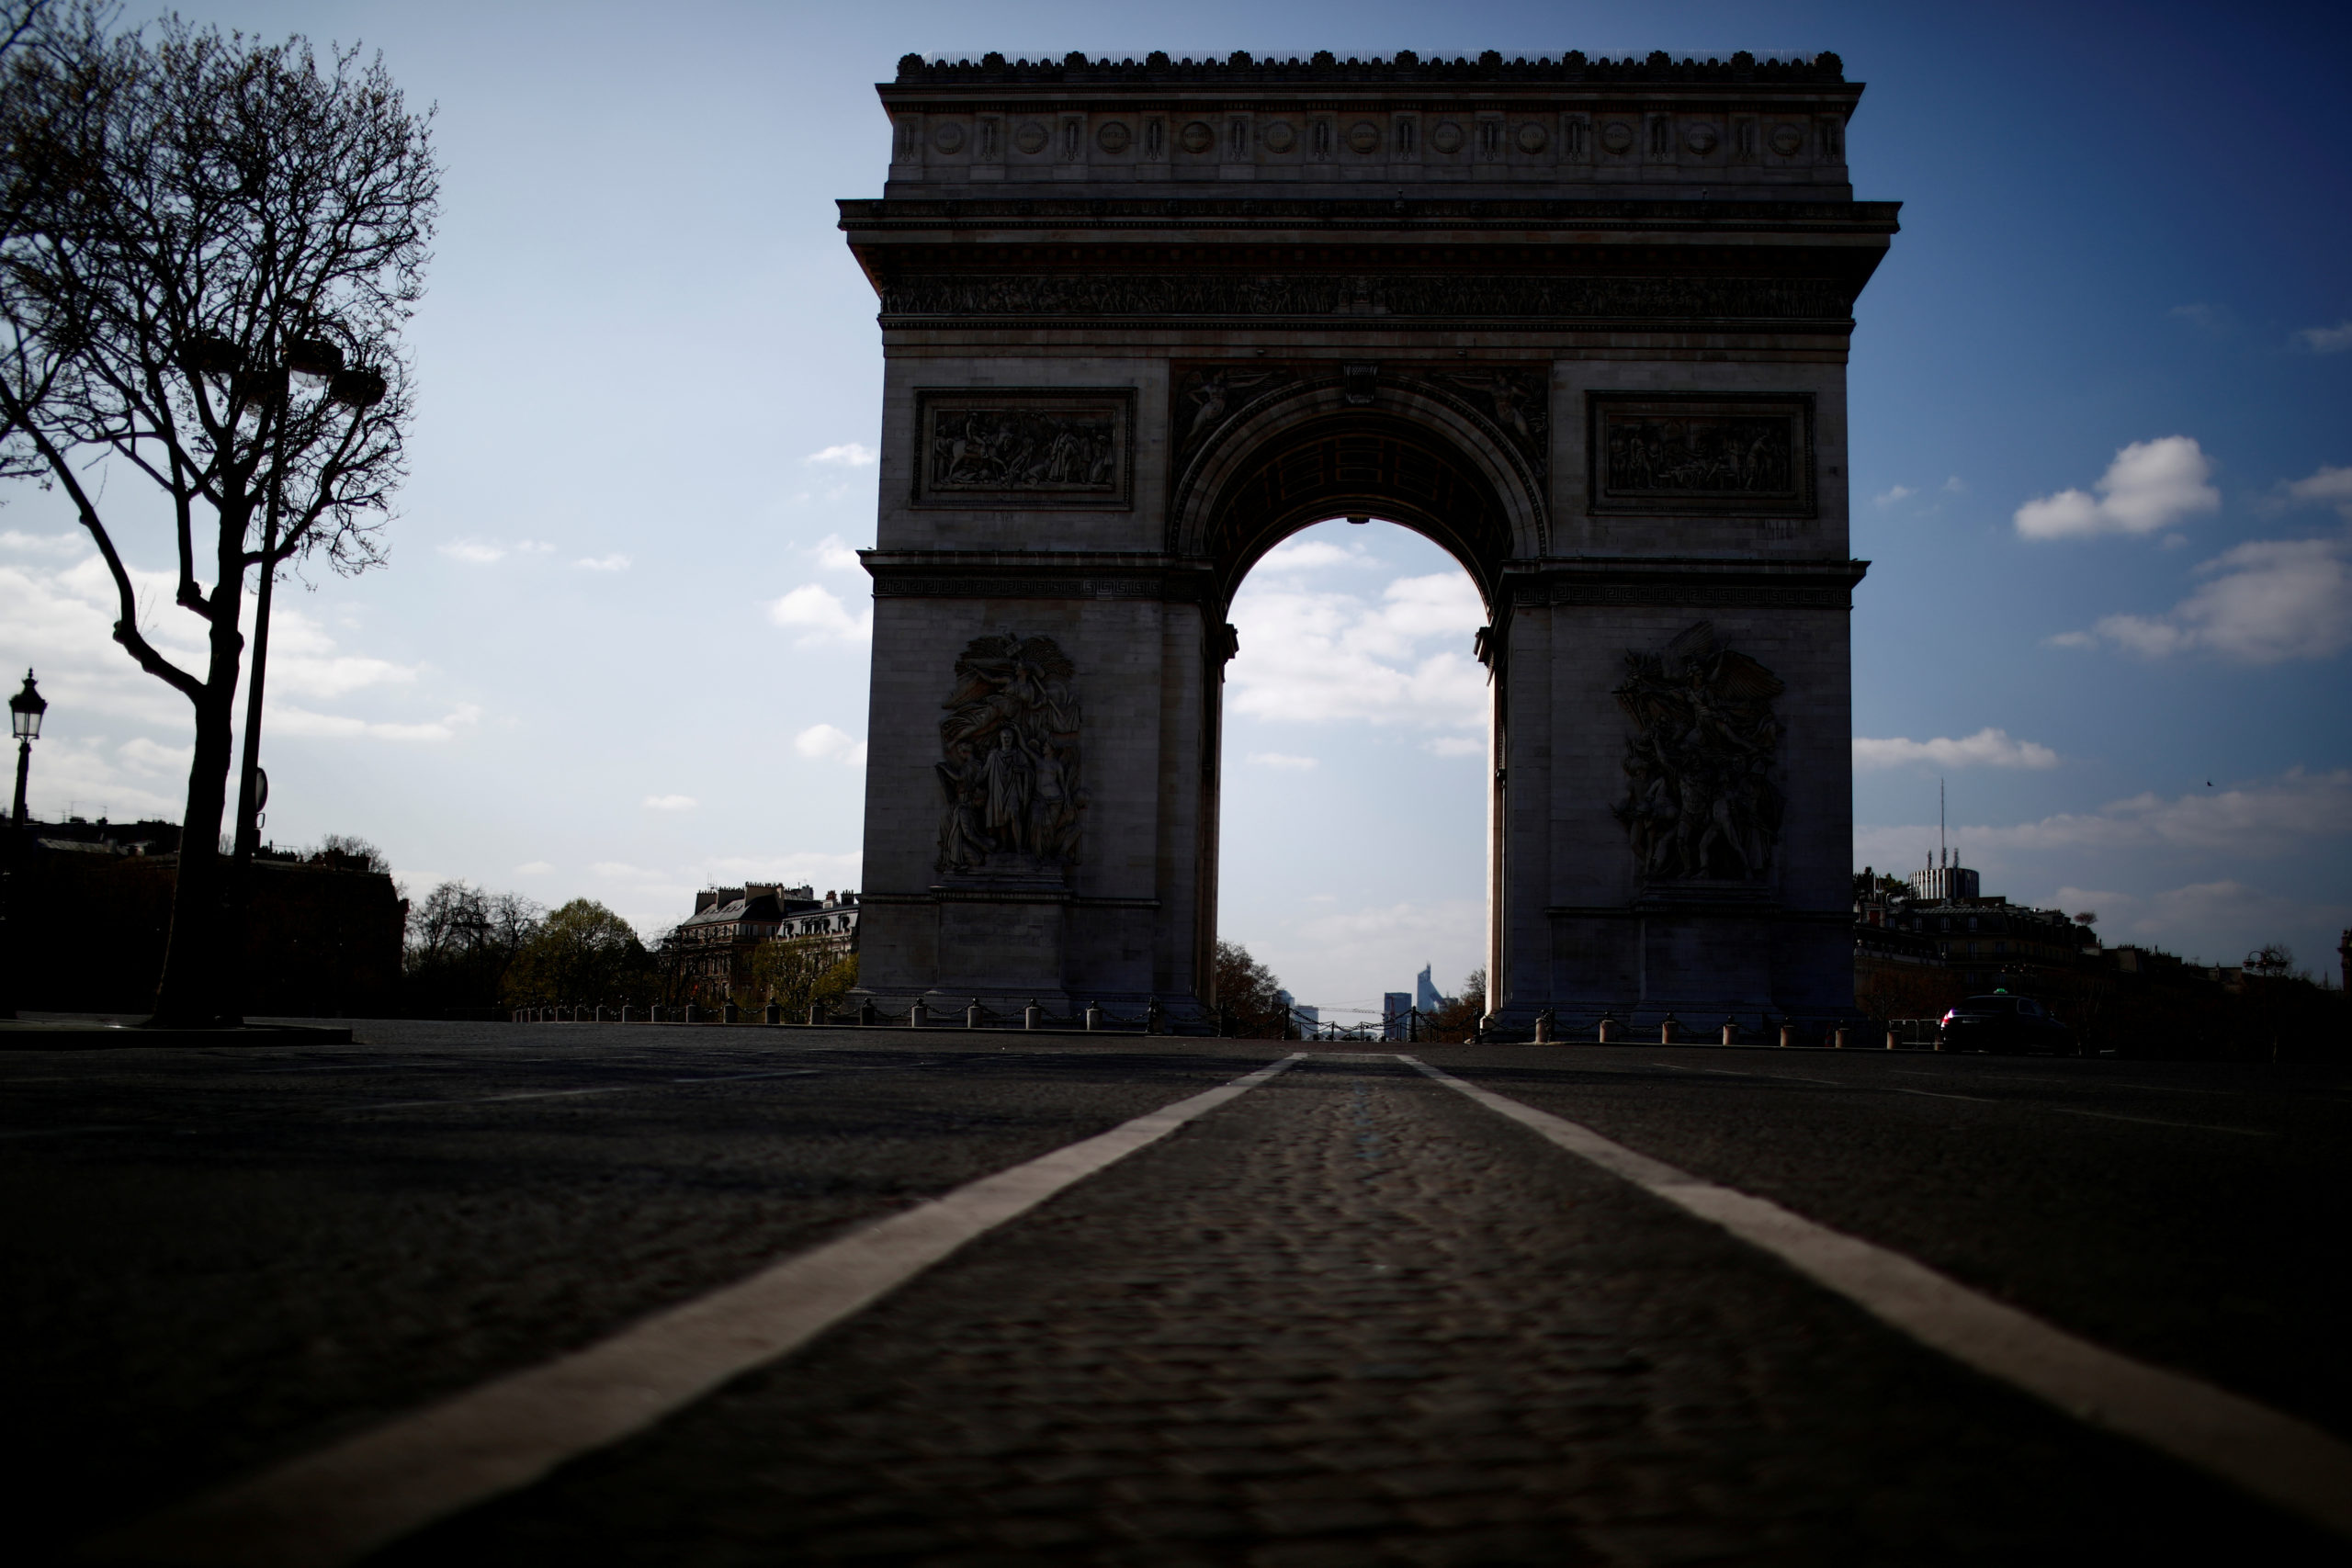 France: Alerte à la bombe dans le quartier de l'Arc de Triomphe